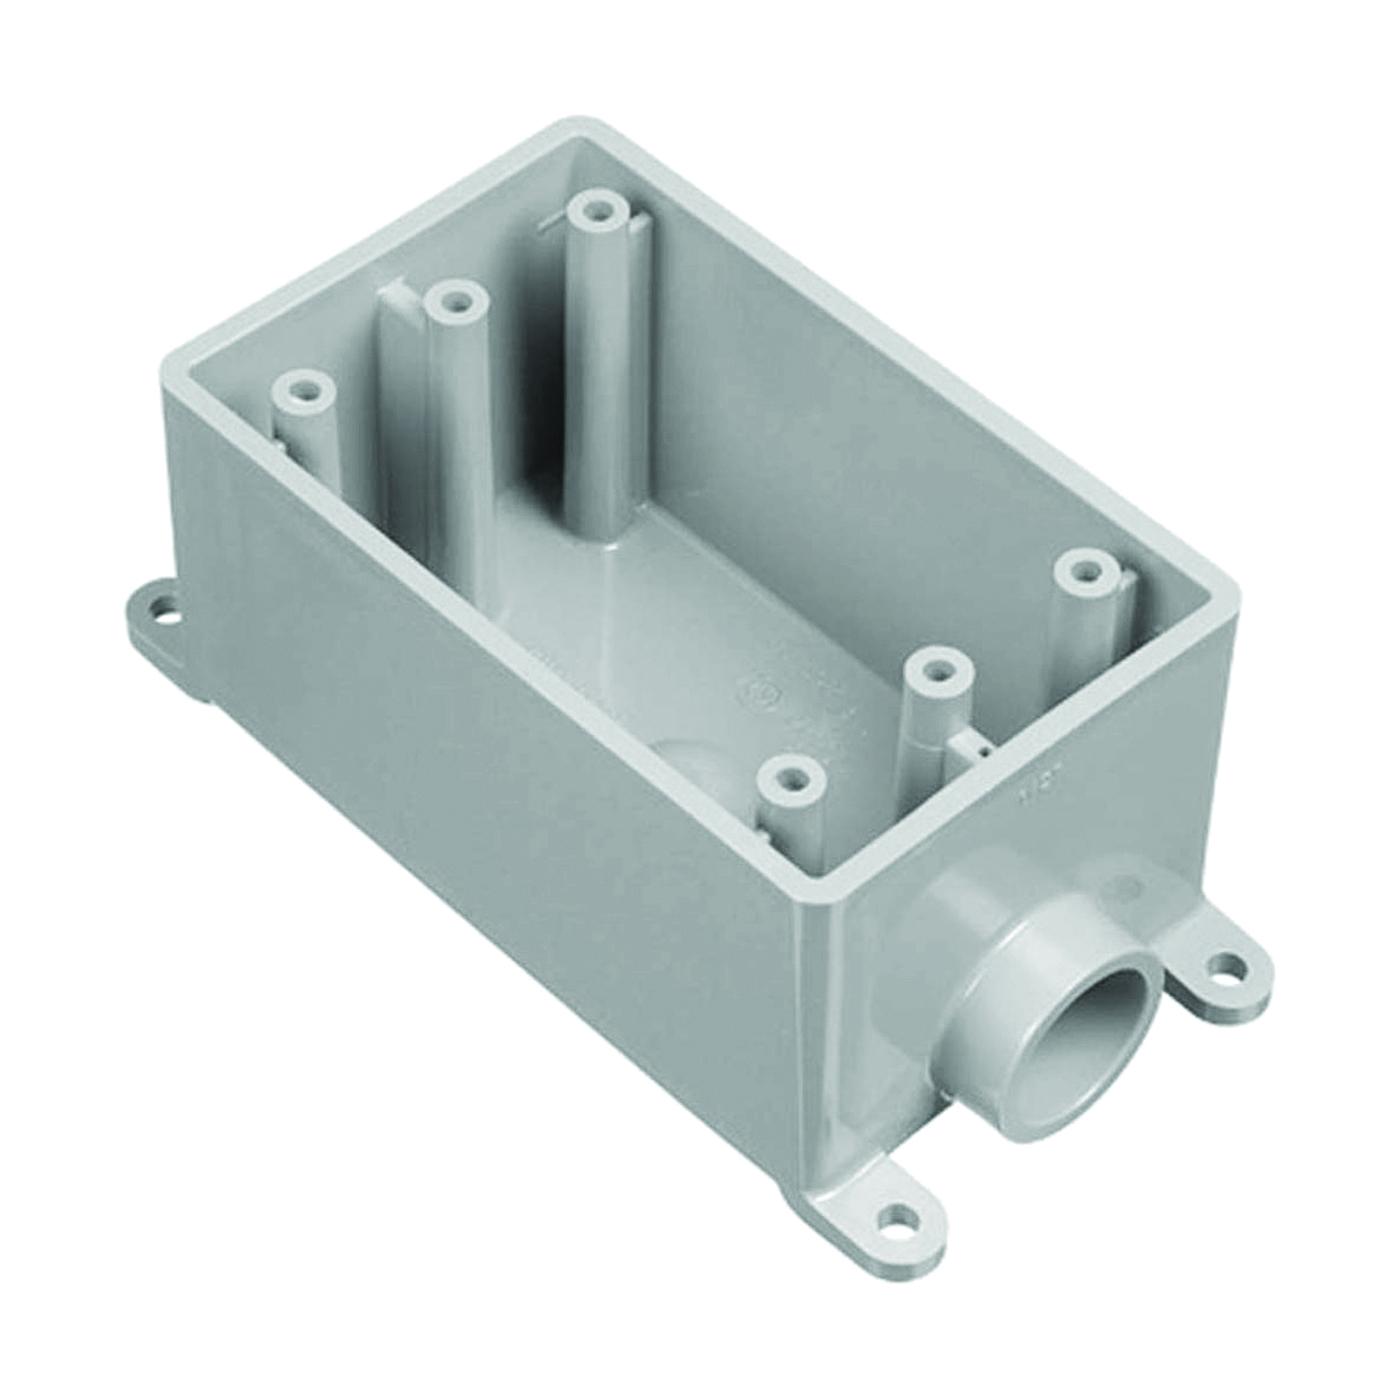 Picture of Carlon E980DFN-CTN Switch Box, 1-Gang, 1-Outlet, PVC, Gray